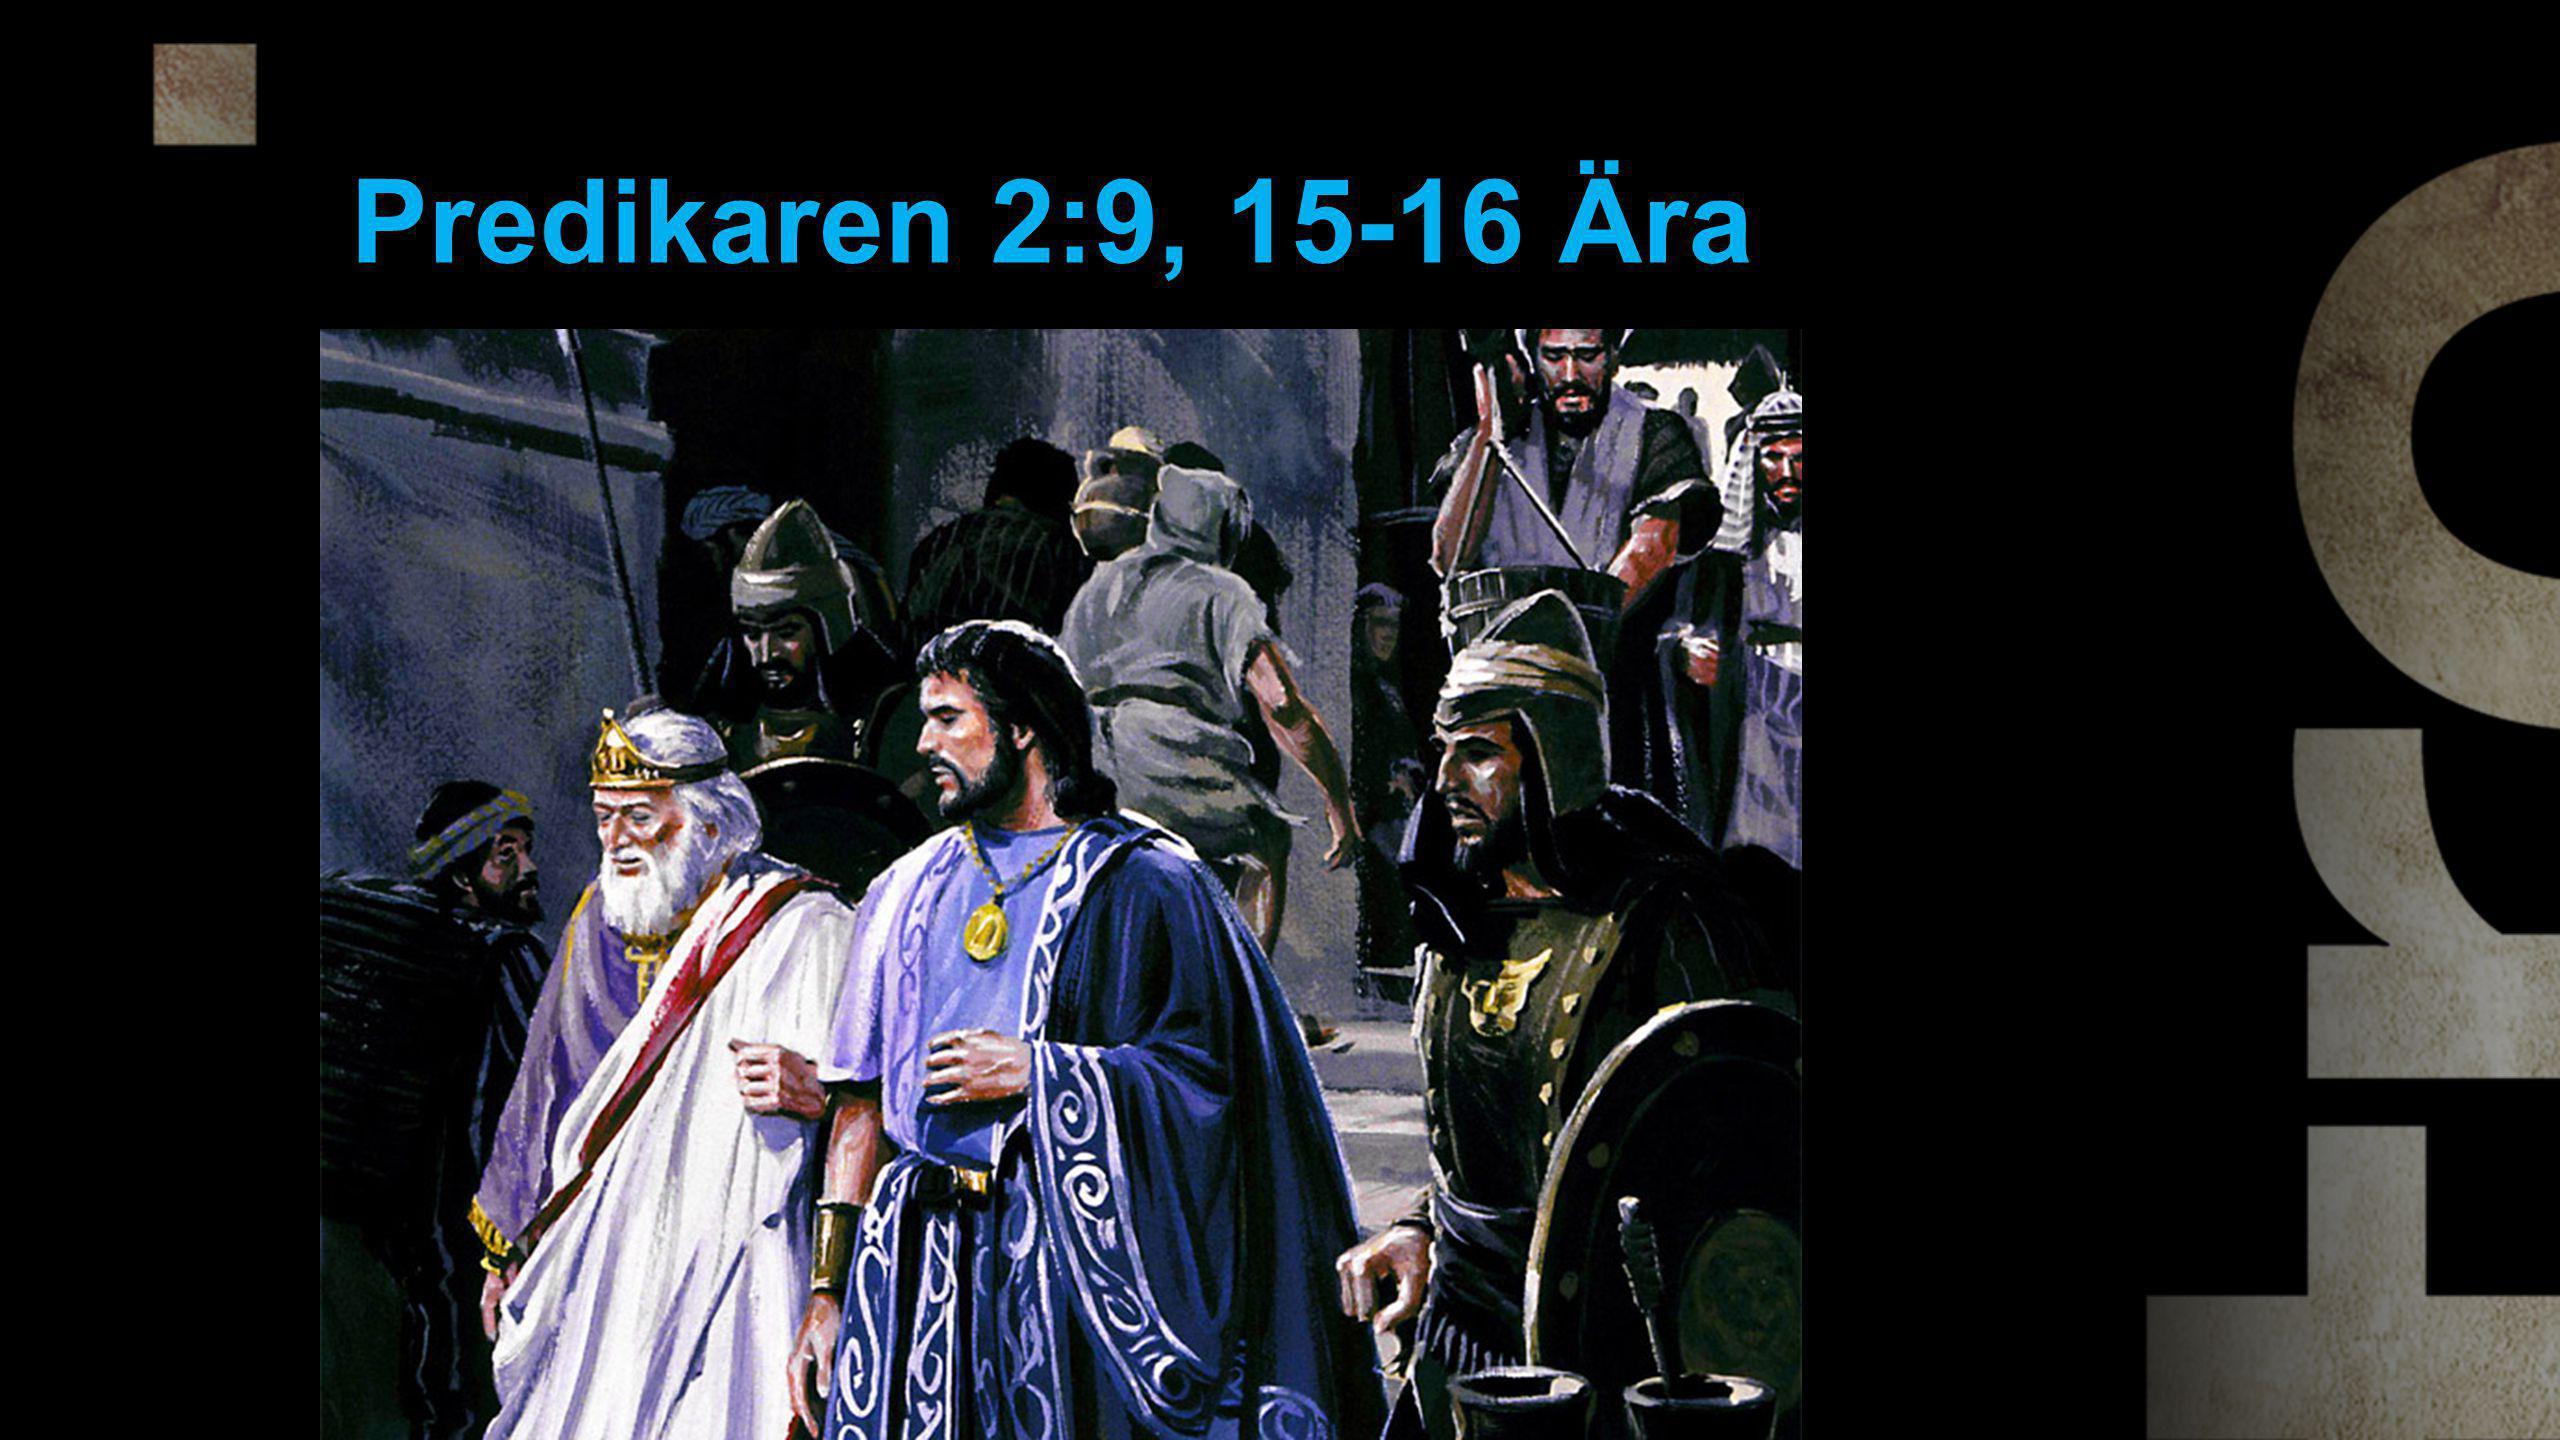 Predikaren 2:9, 15-16 Ära